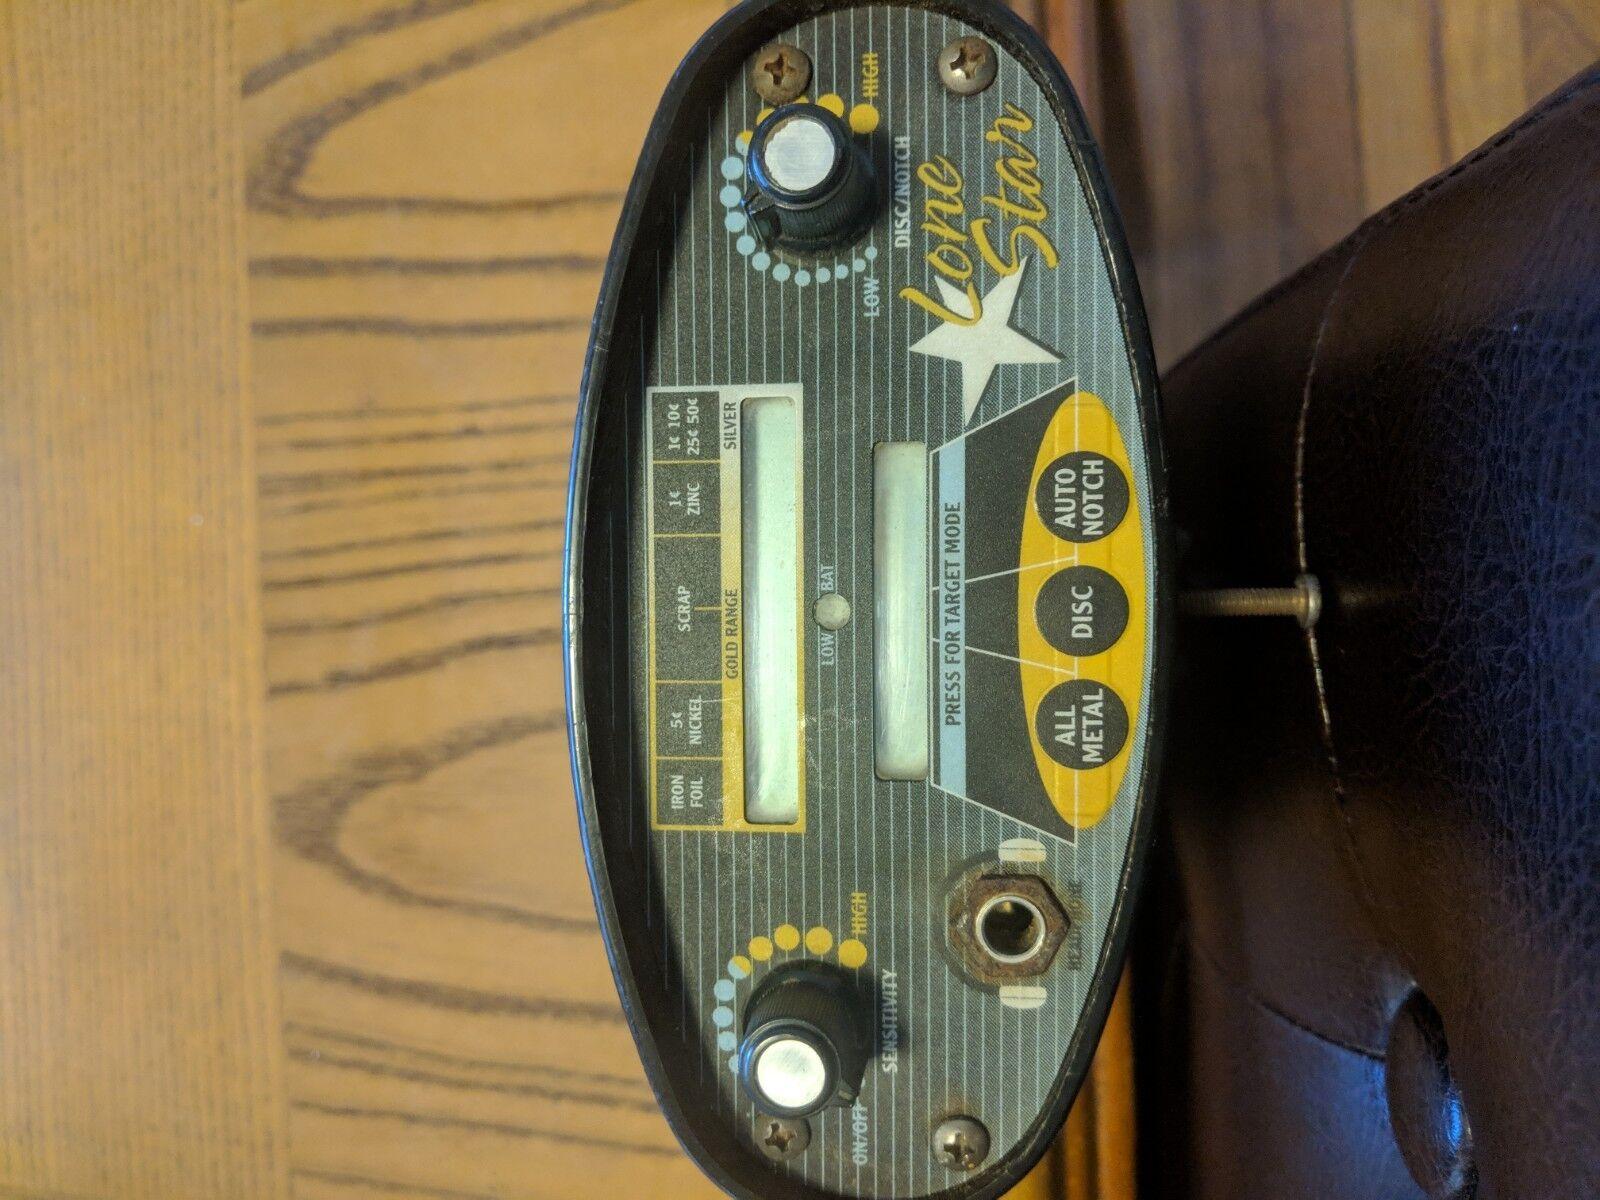 Lone Star Bounty Hunter Metal Detector